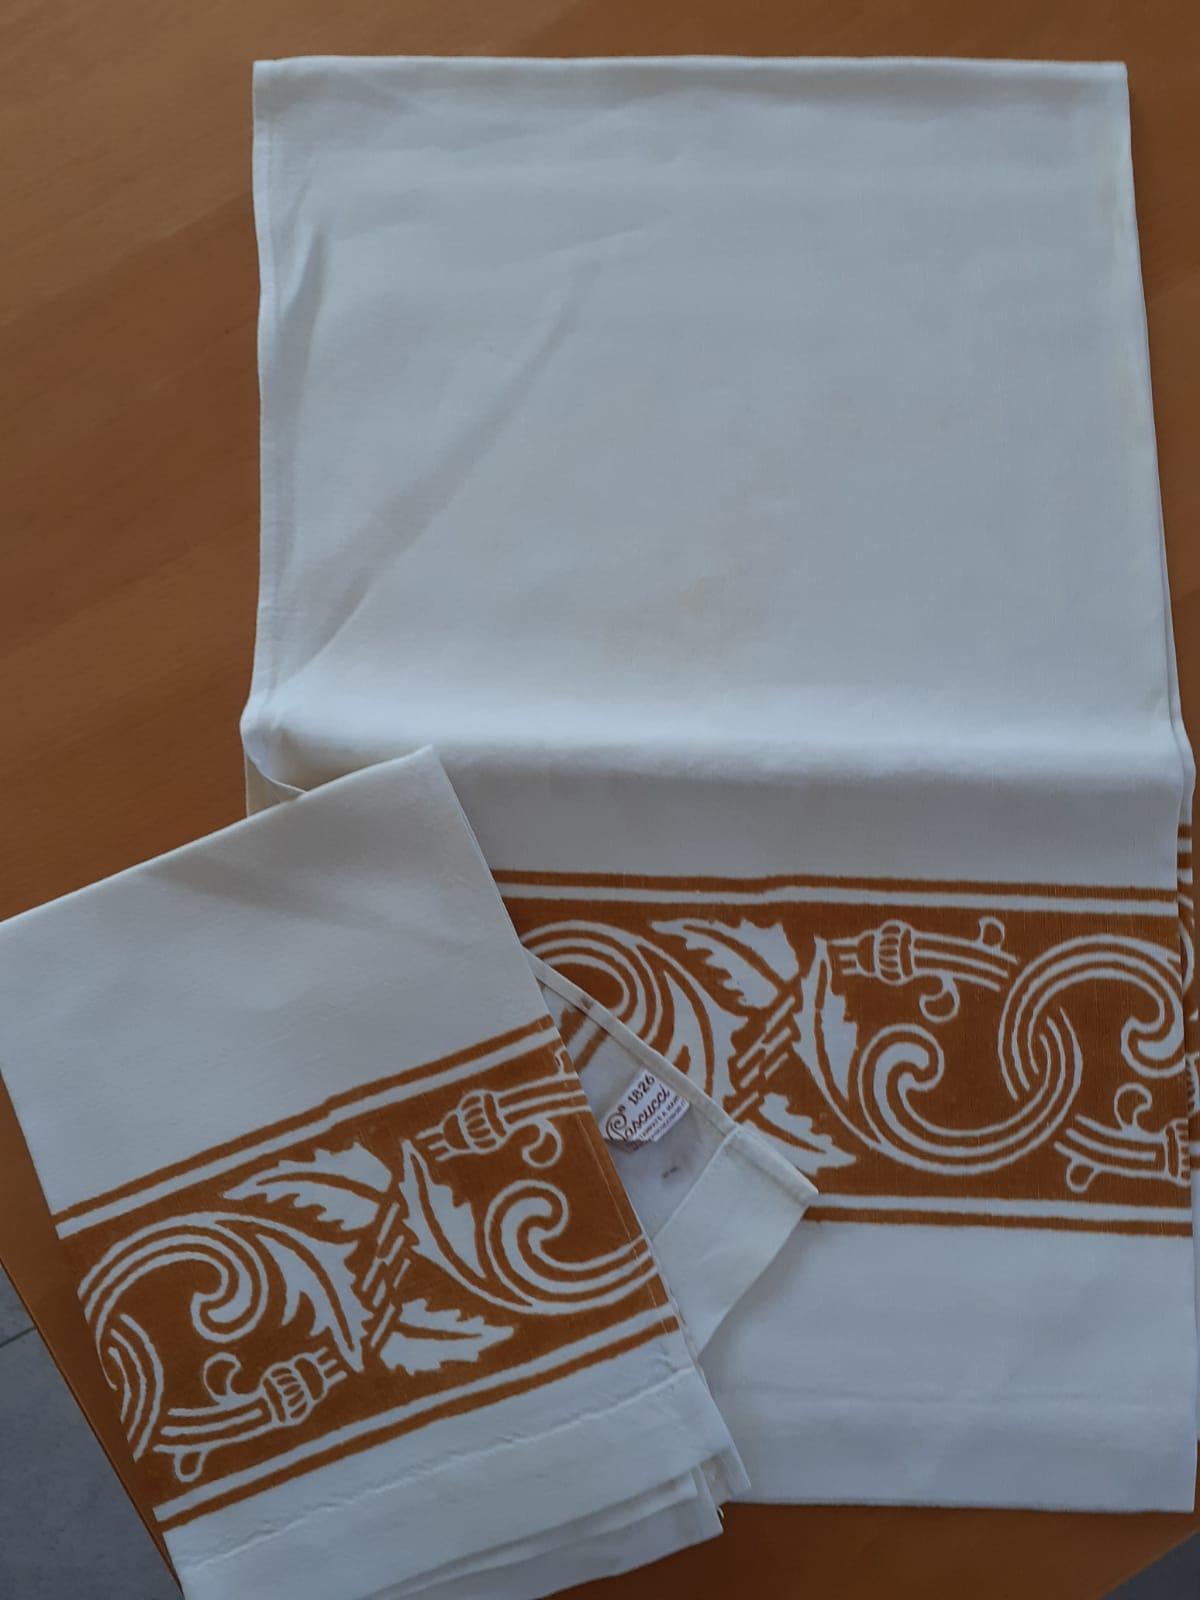 <B style='color:red'>SOLO BOLOGNA E PROVINCIA</B> - Set Ruggine bagno eleganti, stampati a mano Pascucci - asciugamano grande 70x110 asciugamano piccolo 45x65